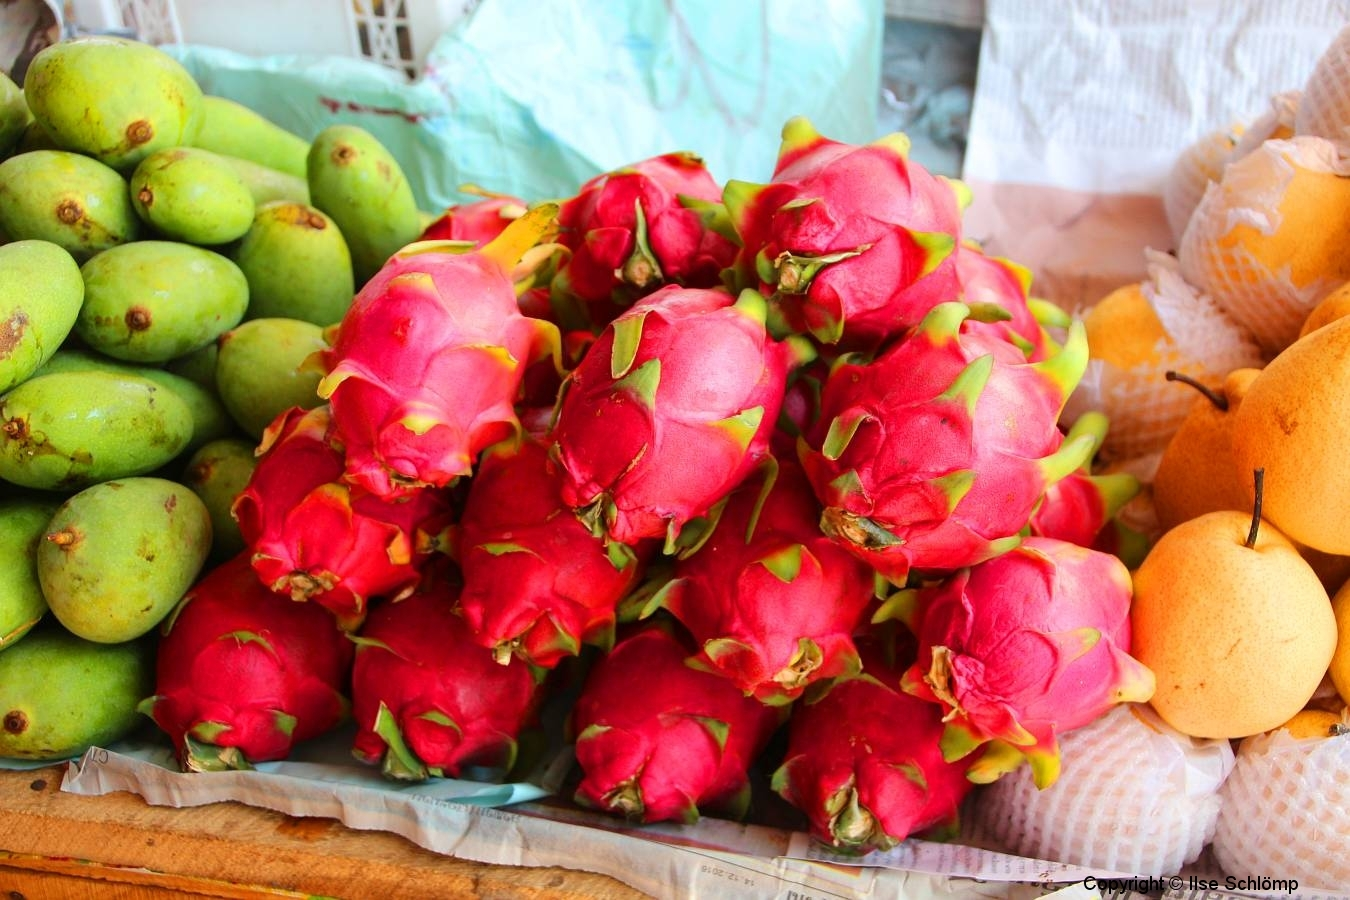 Laos, Vang Vieng, Auf dem Markt, Drachenfrucht